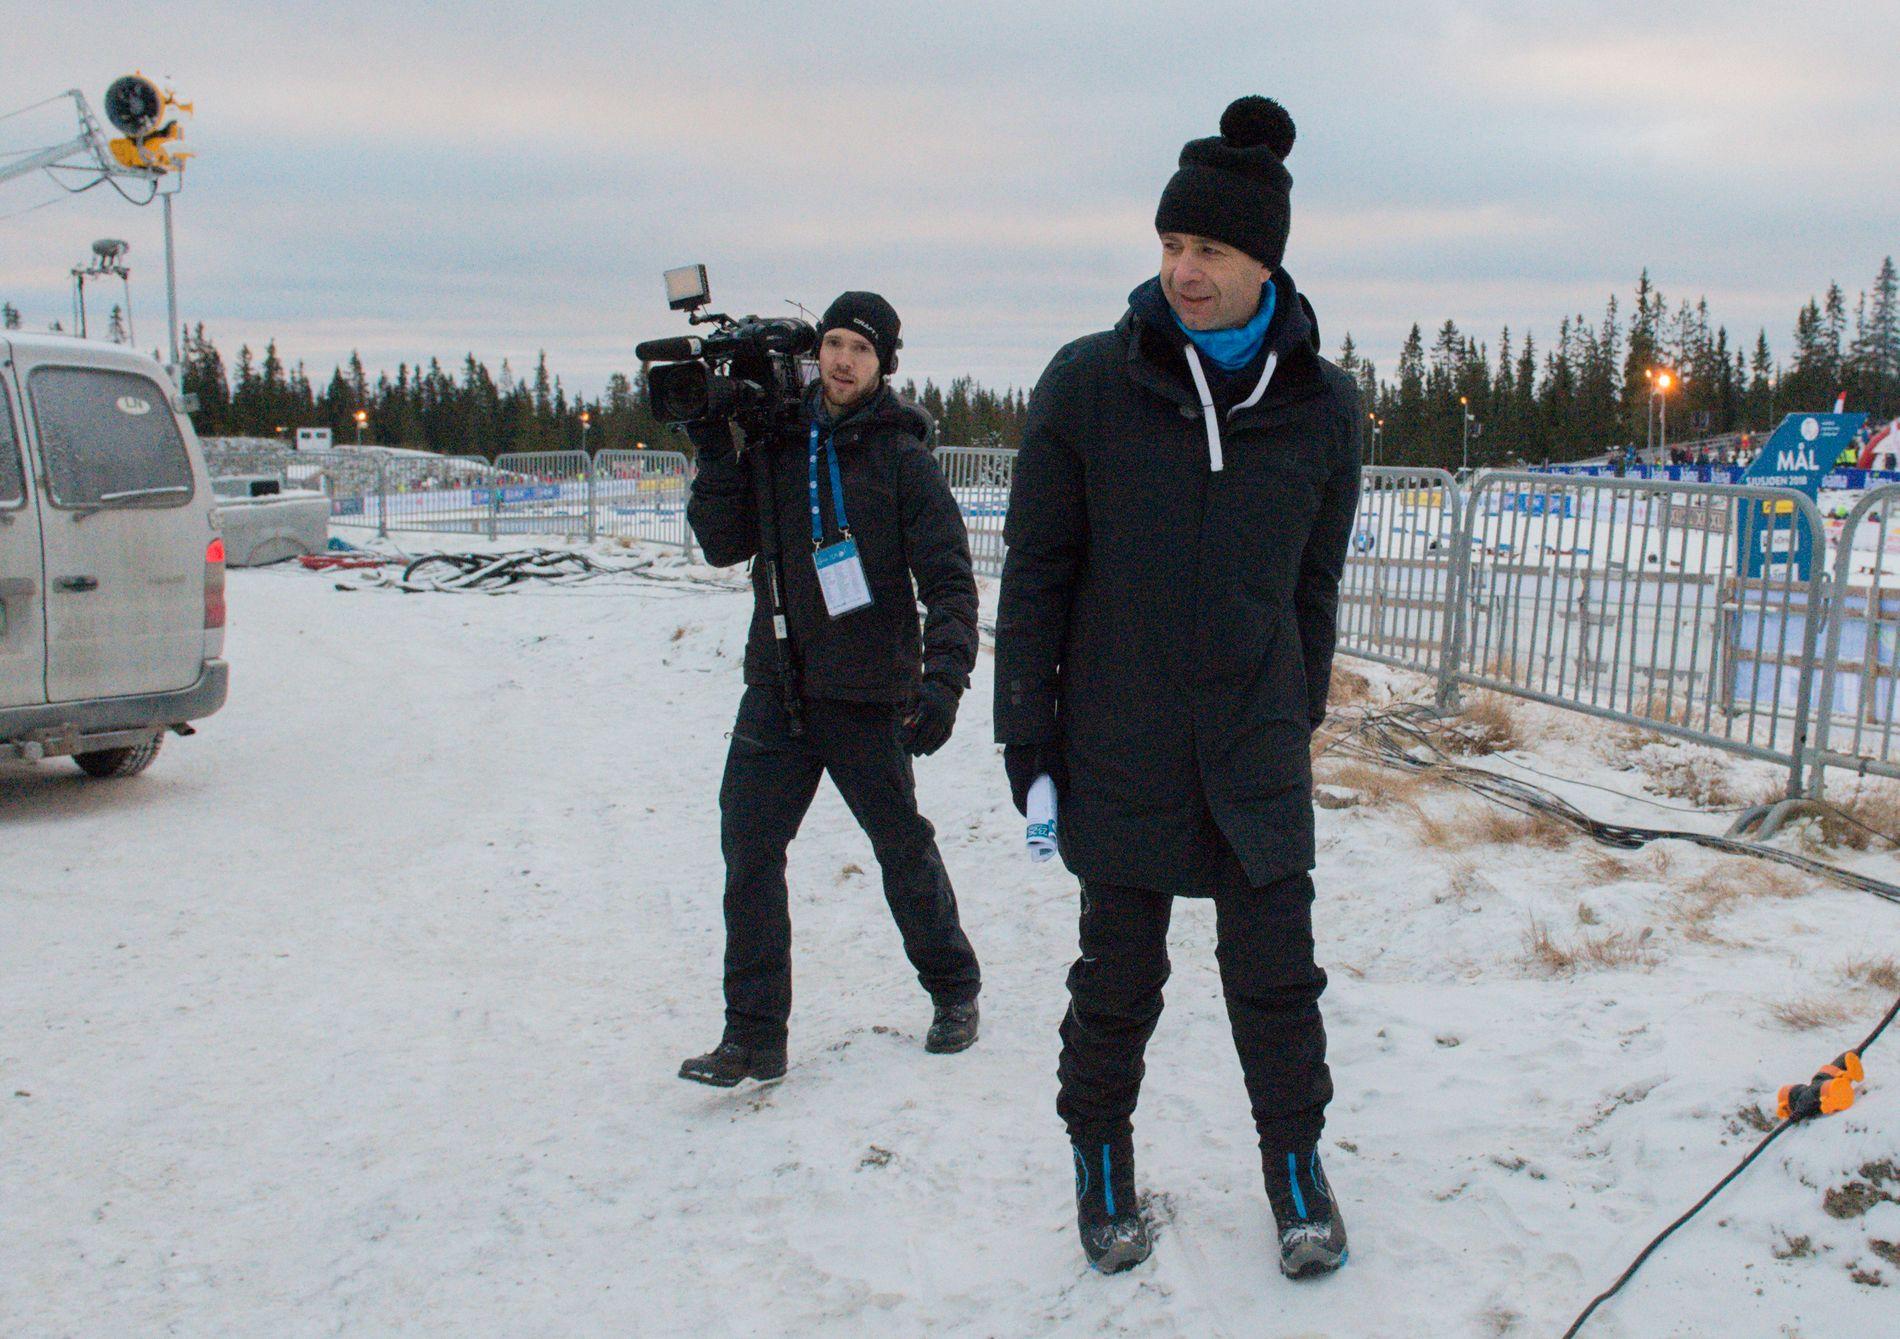 NÅ SOM EKSPERT: Ole Einar Bjørndalen hadde sin første dag på jobb som ekspert for TV 2 under sesongåpningen for skiskytterne på Sjusjøen.